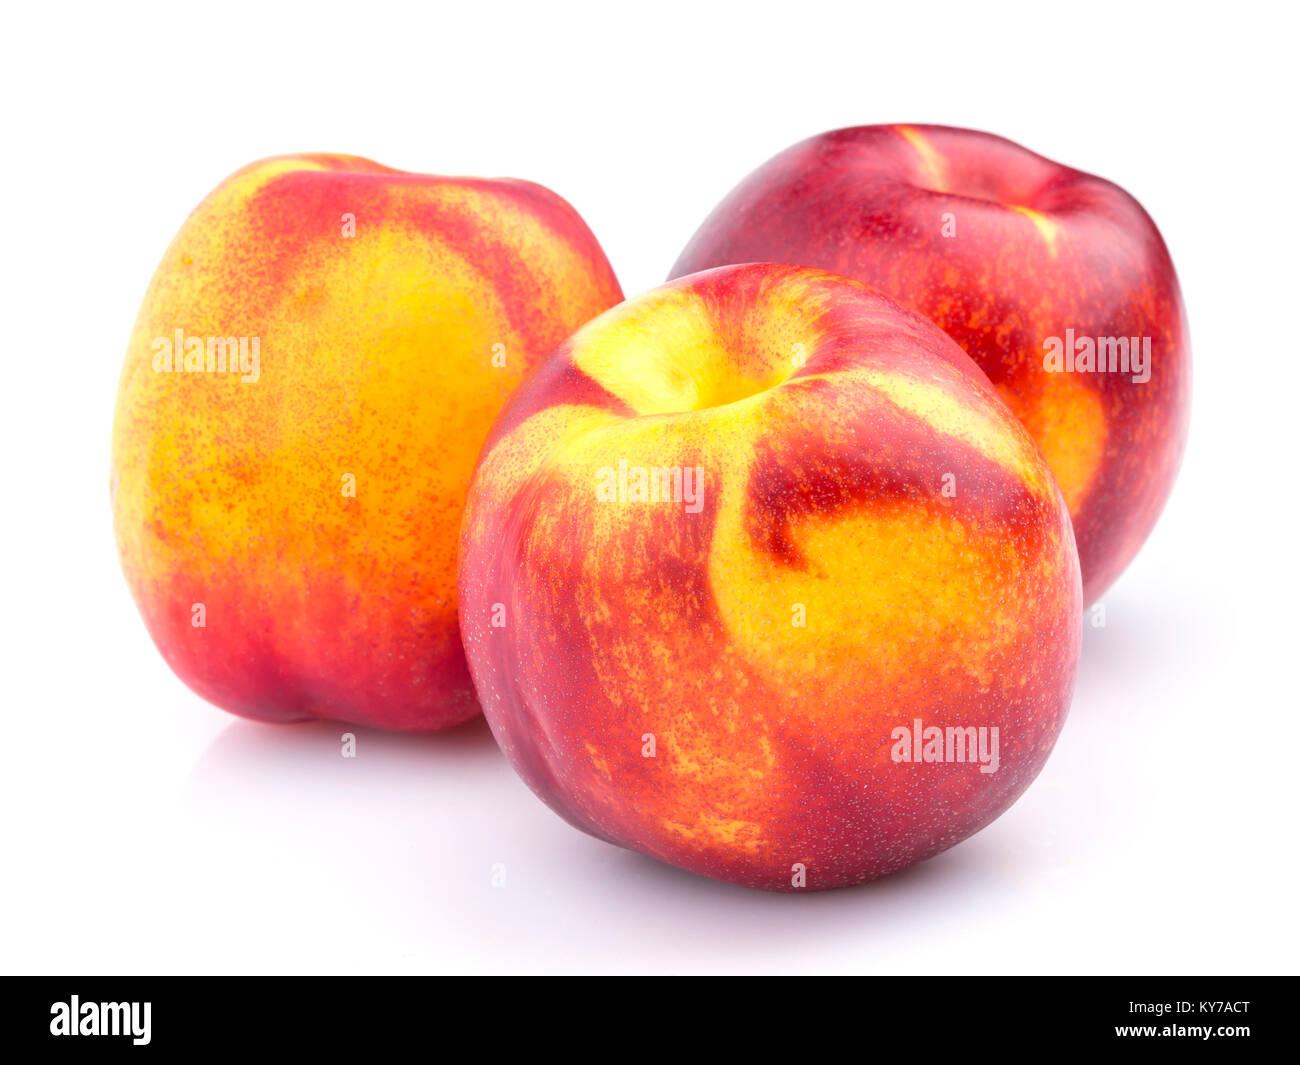 Ganze nektarine Frucht auf weißem Hintergrund Stockbild